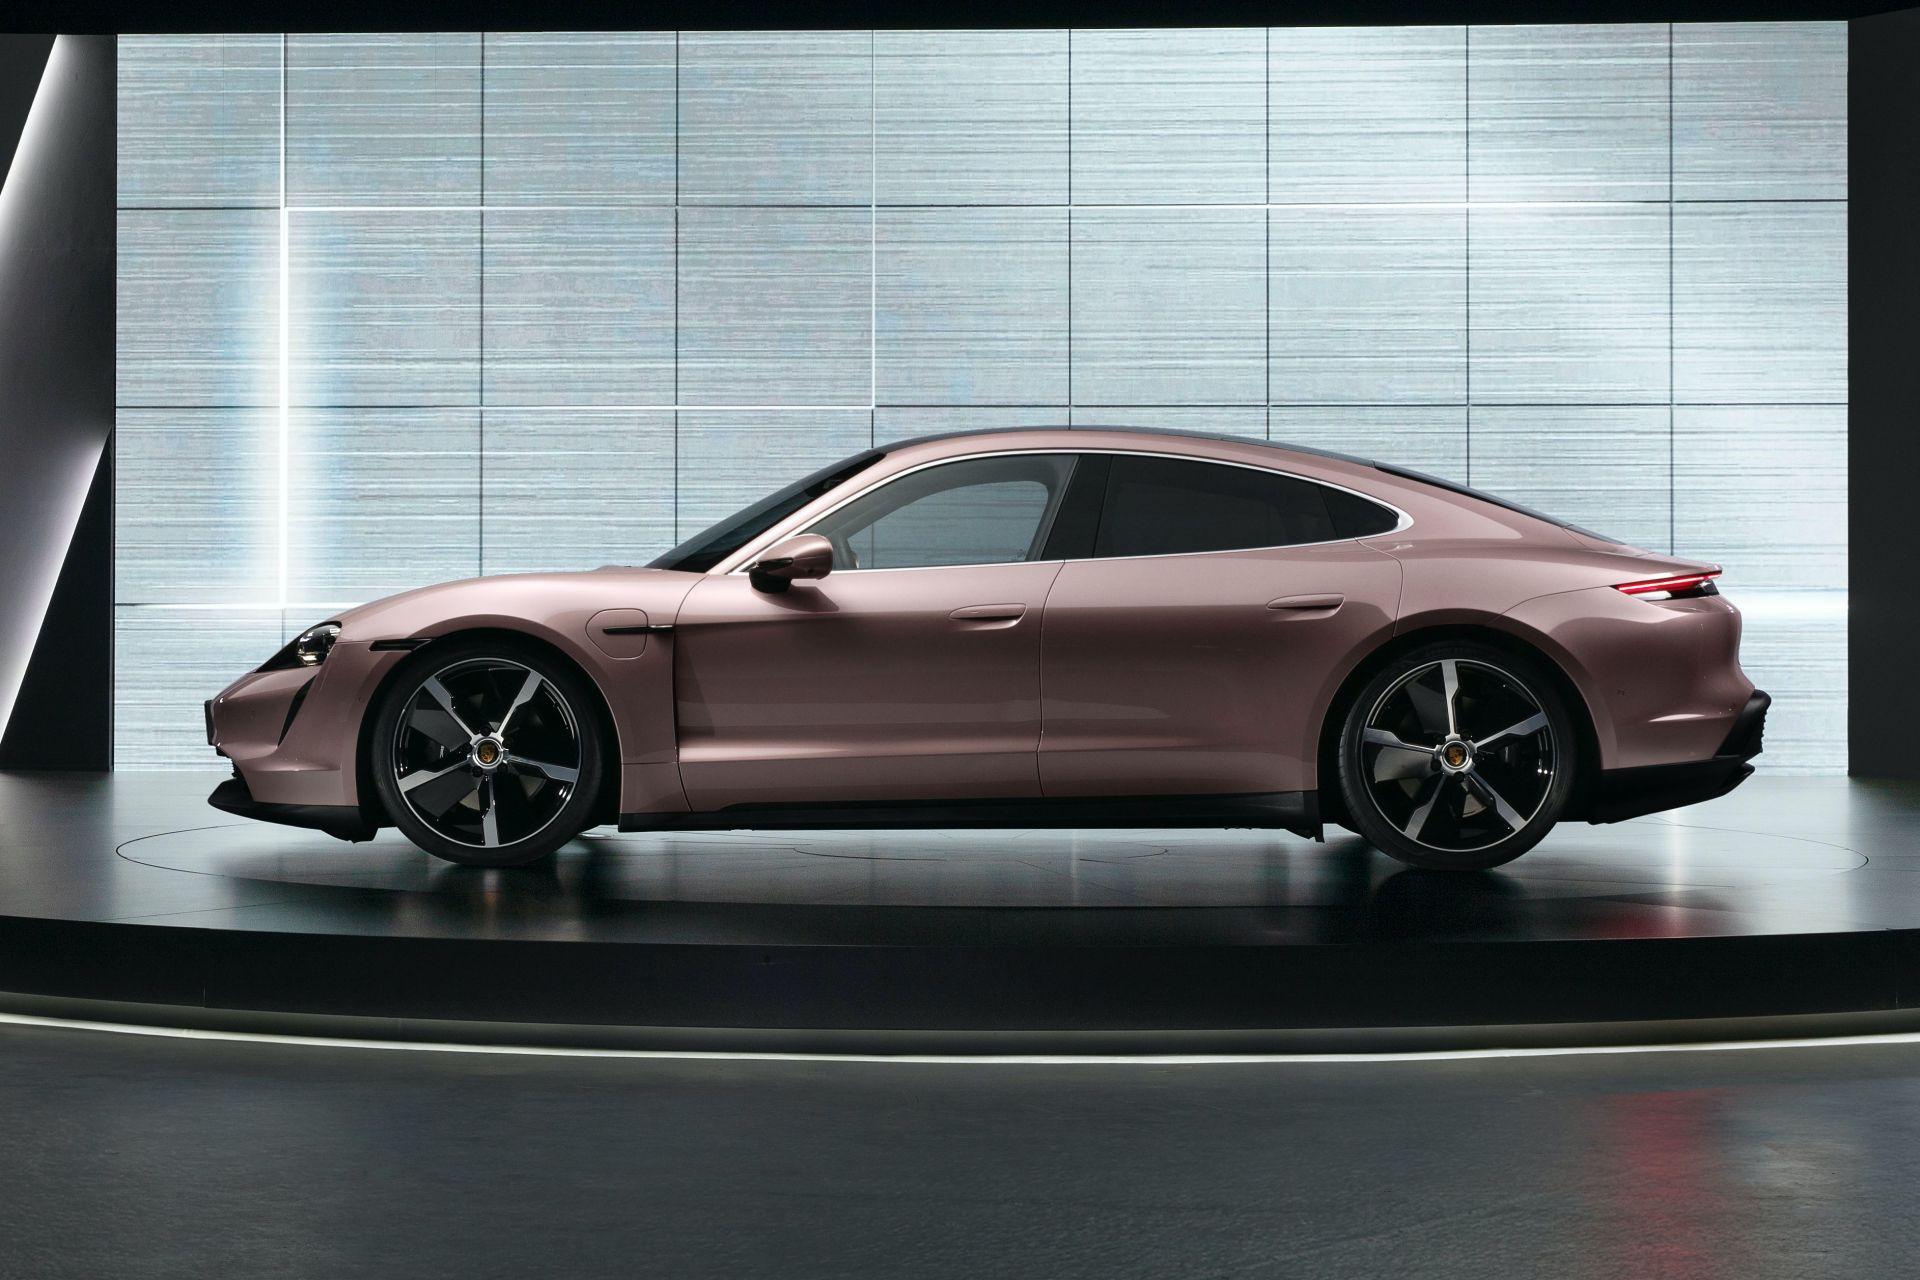 Phiên bản thấp nhất của Porsche Taycan ra mắt tại thị trường xe hơi lớn nhất thế giới                                            -1